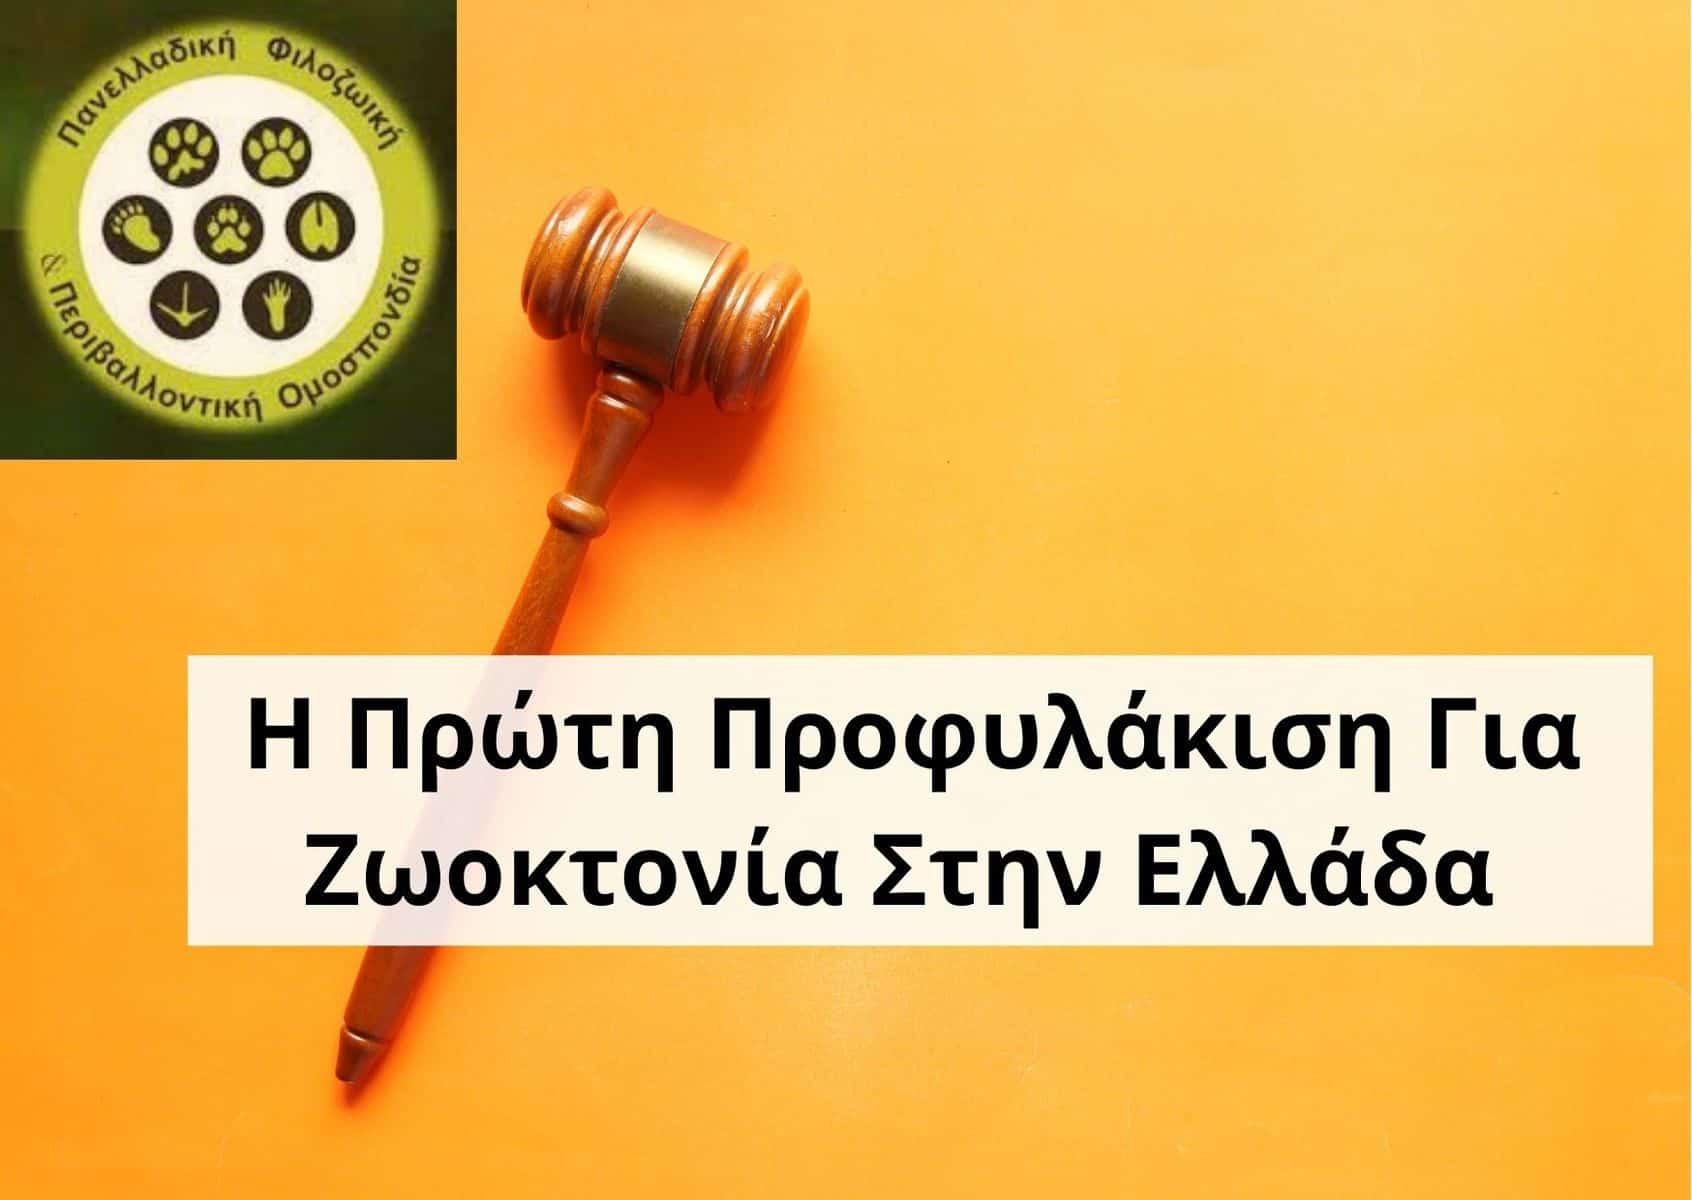 Ιστορική Απόφαση Για τη Χώρα Με Πρωτοβουλία της ΠΦΠΟ. Η Πρώτη Προφυλάκιση για Ζωοκτονία στη Χώρα κατ' εφαρμογήν του 4745/2020